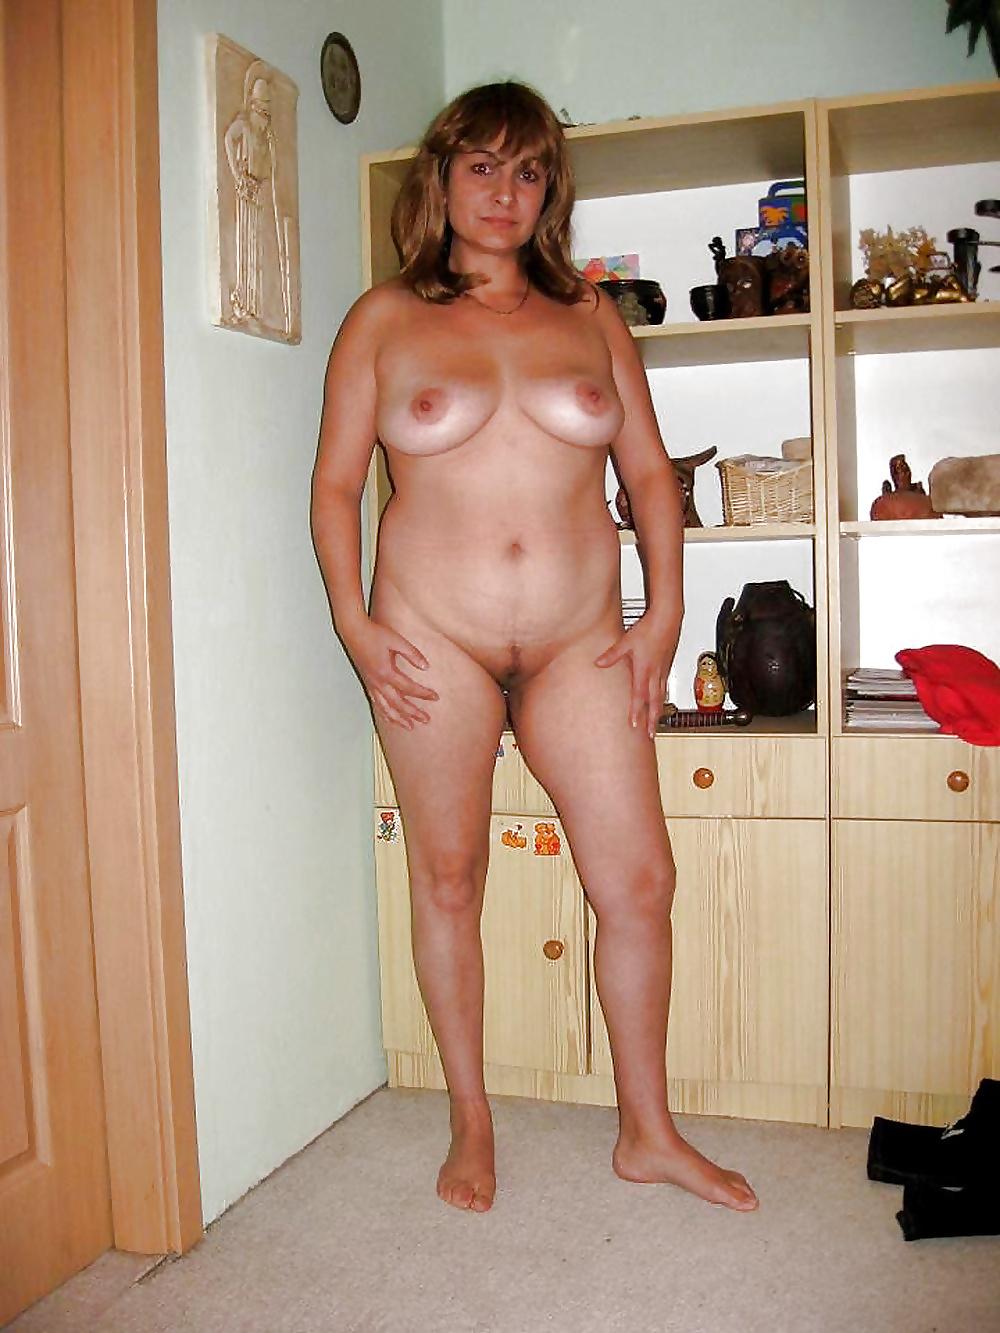 любую фото голые зрелые в полный рост среднестатистический молодой